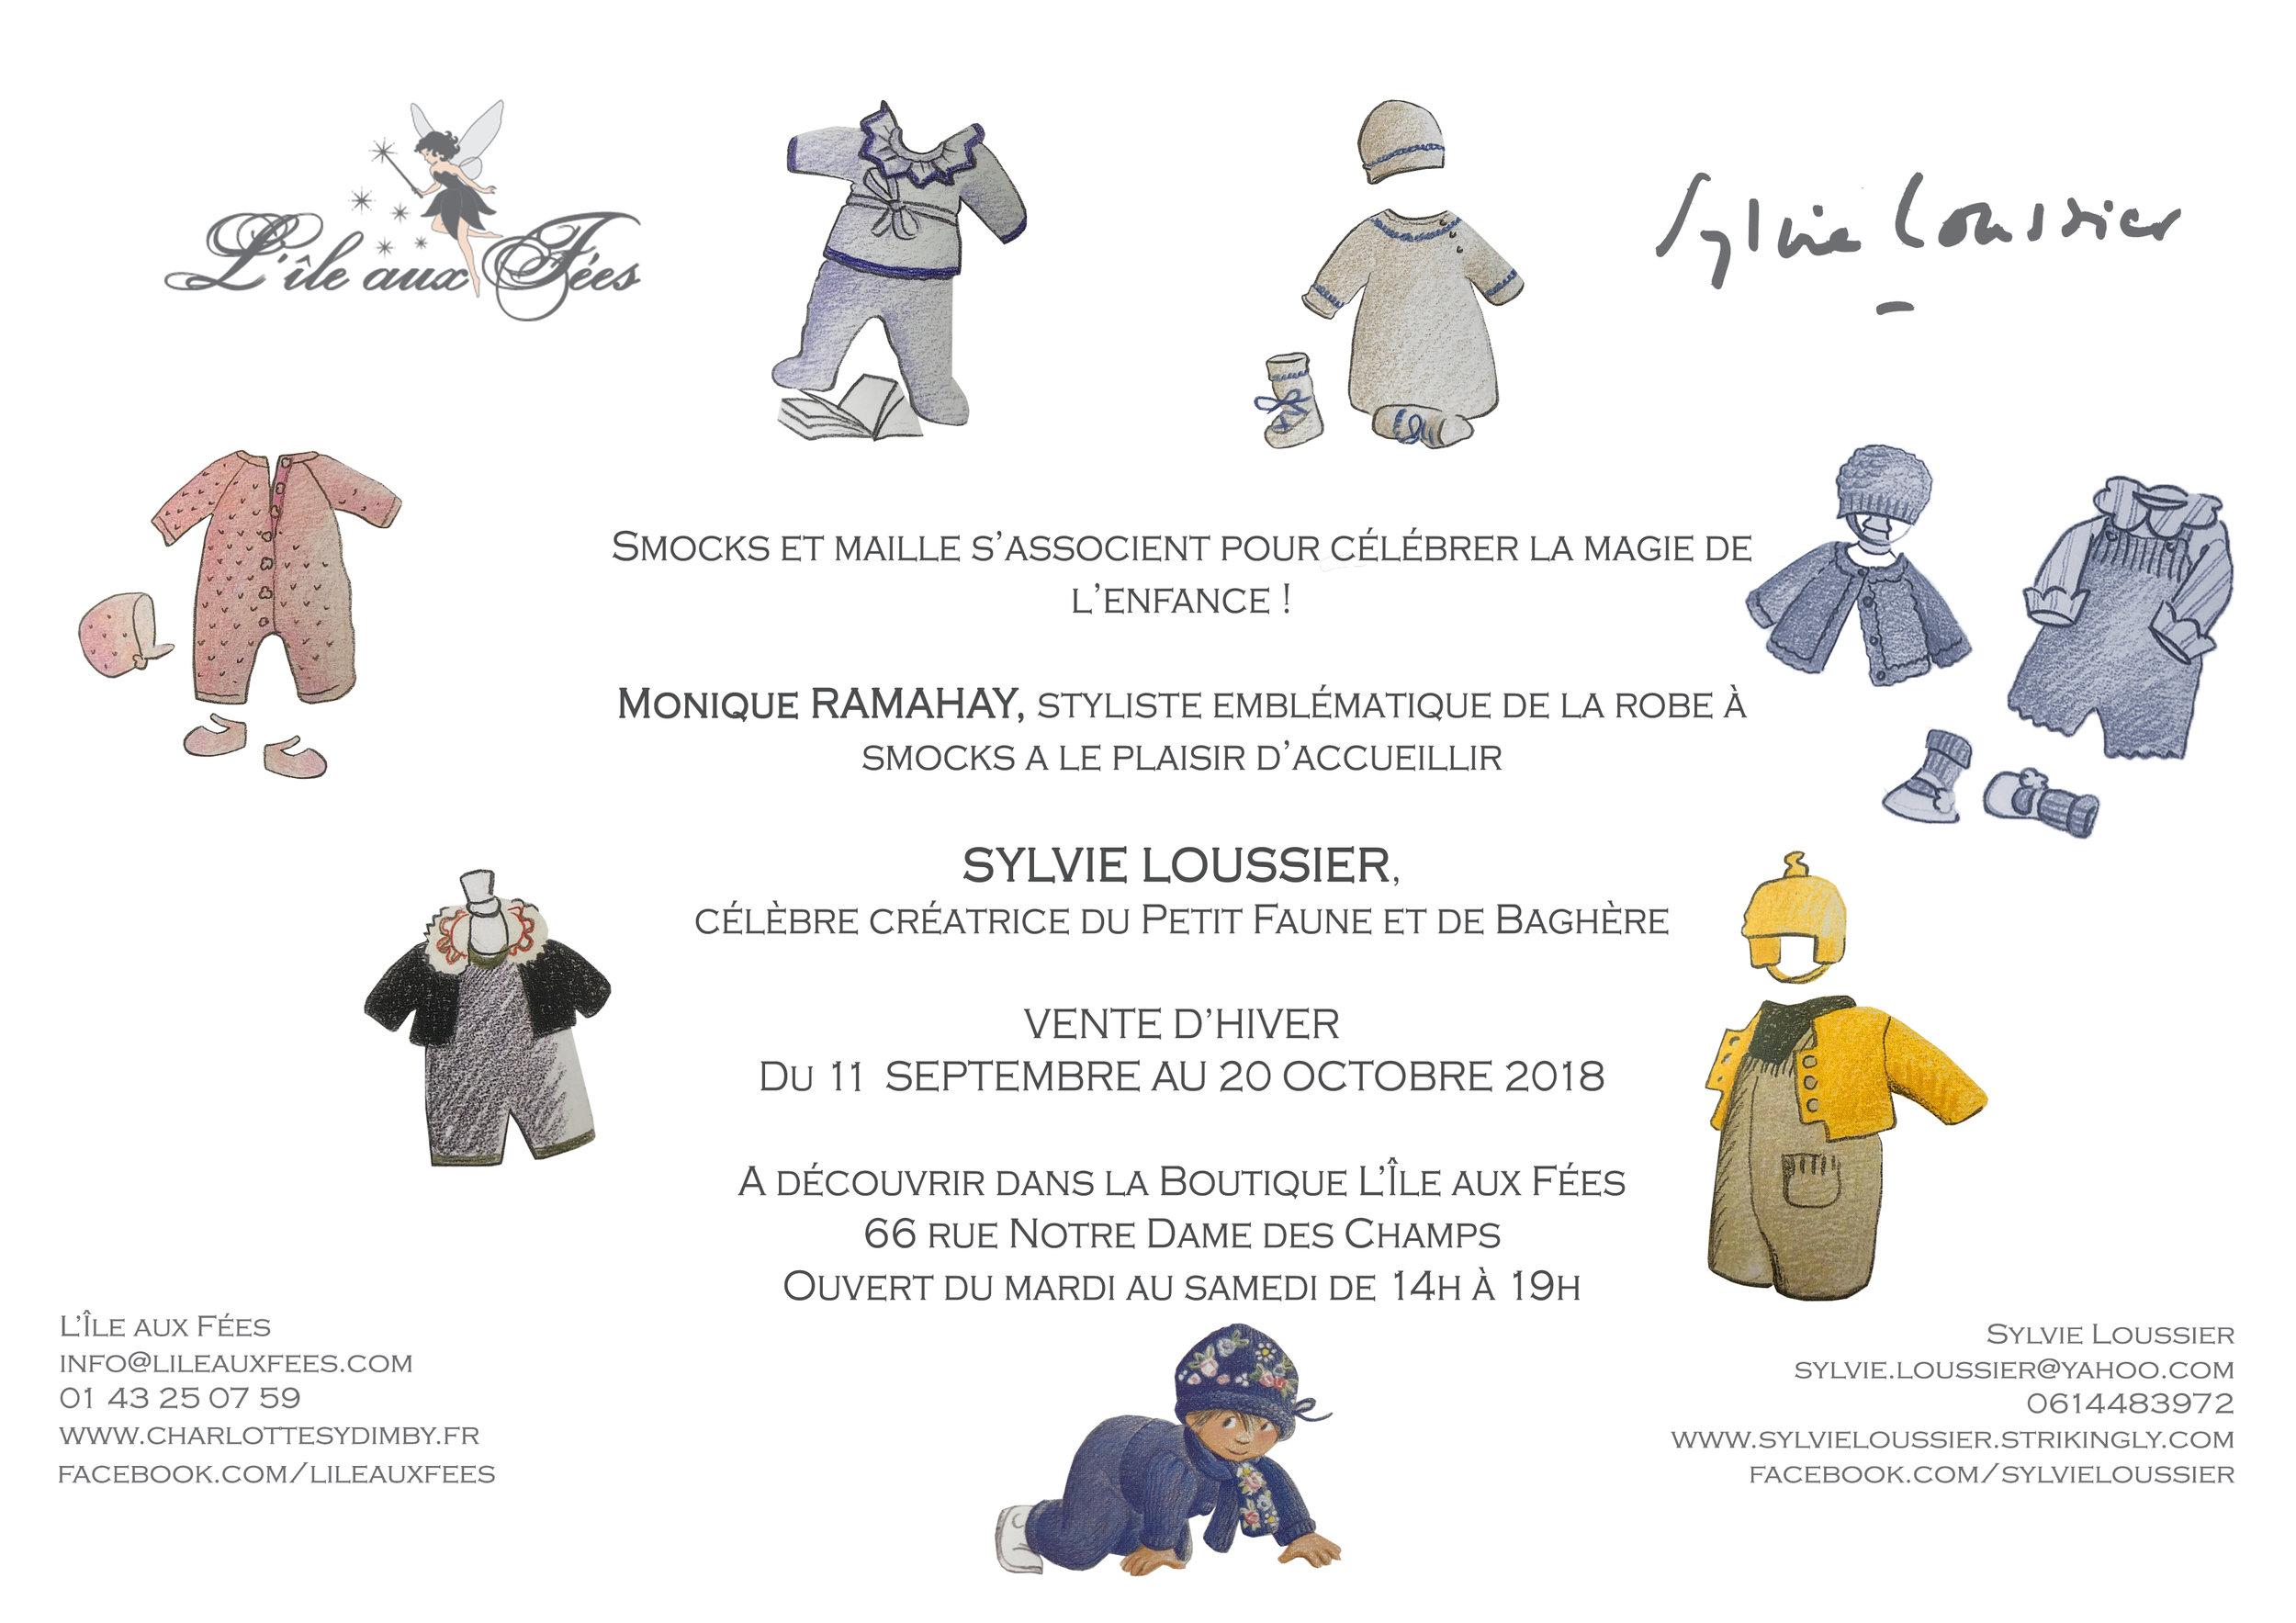 Sylvie Loussier at L'Île aux Fées - Paris boutique